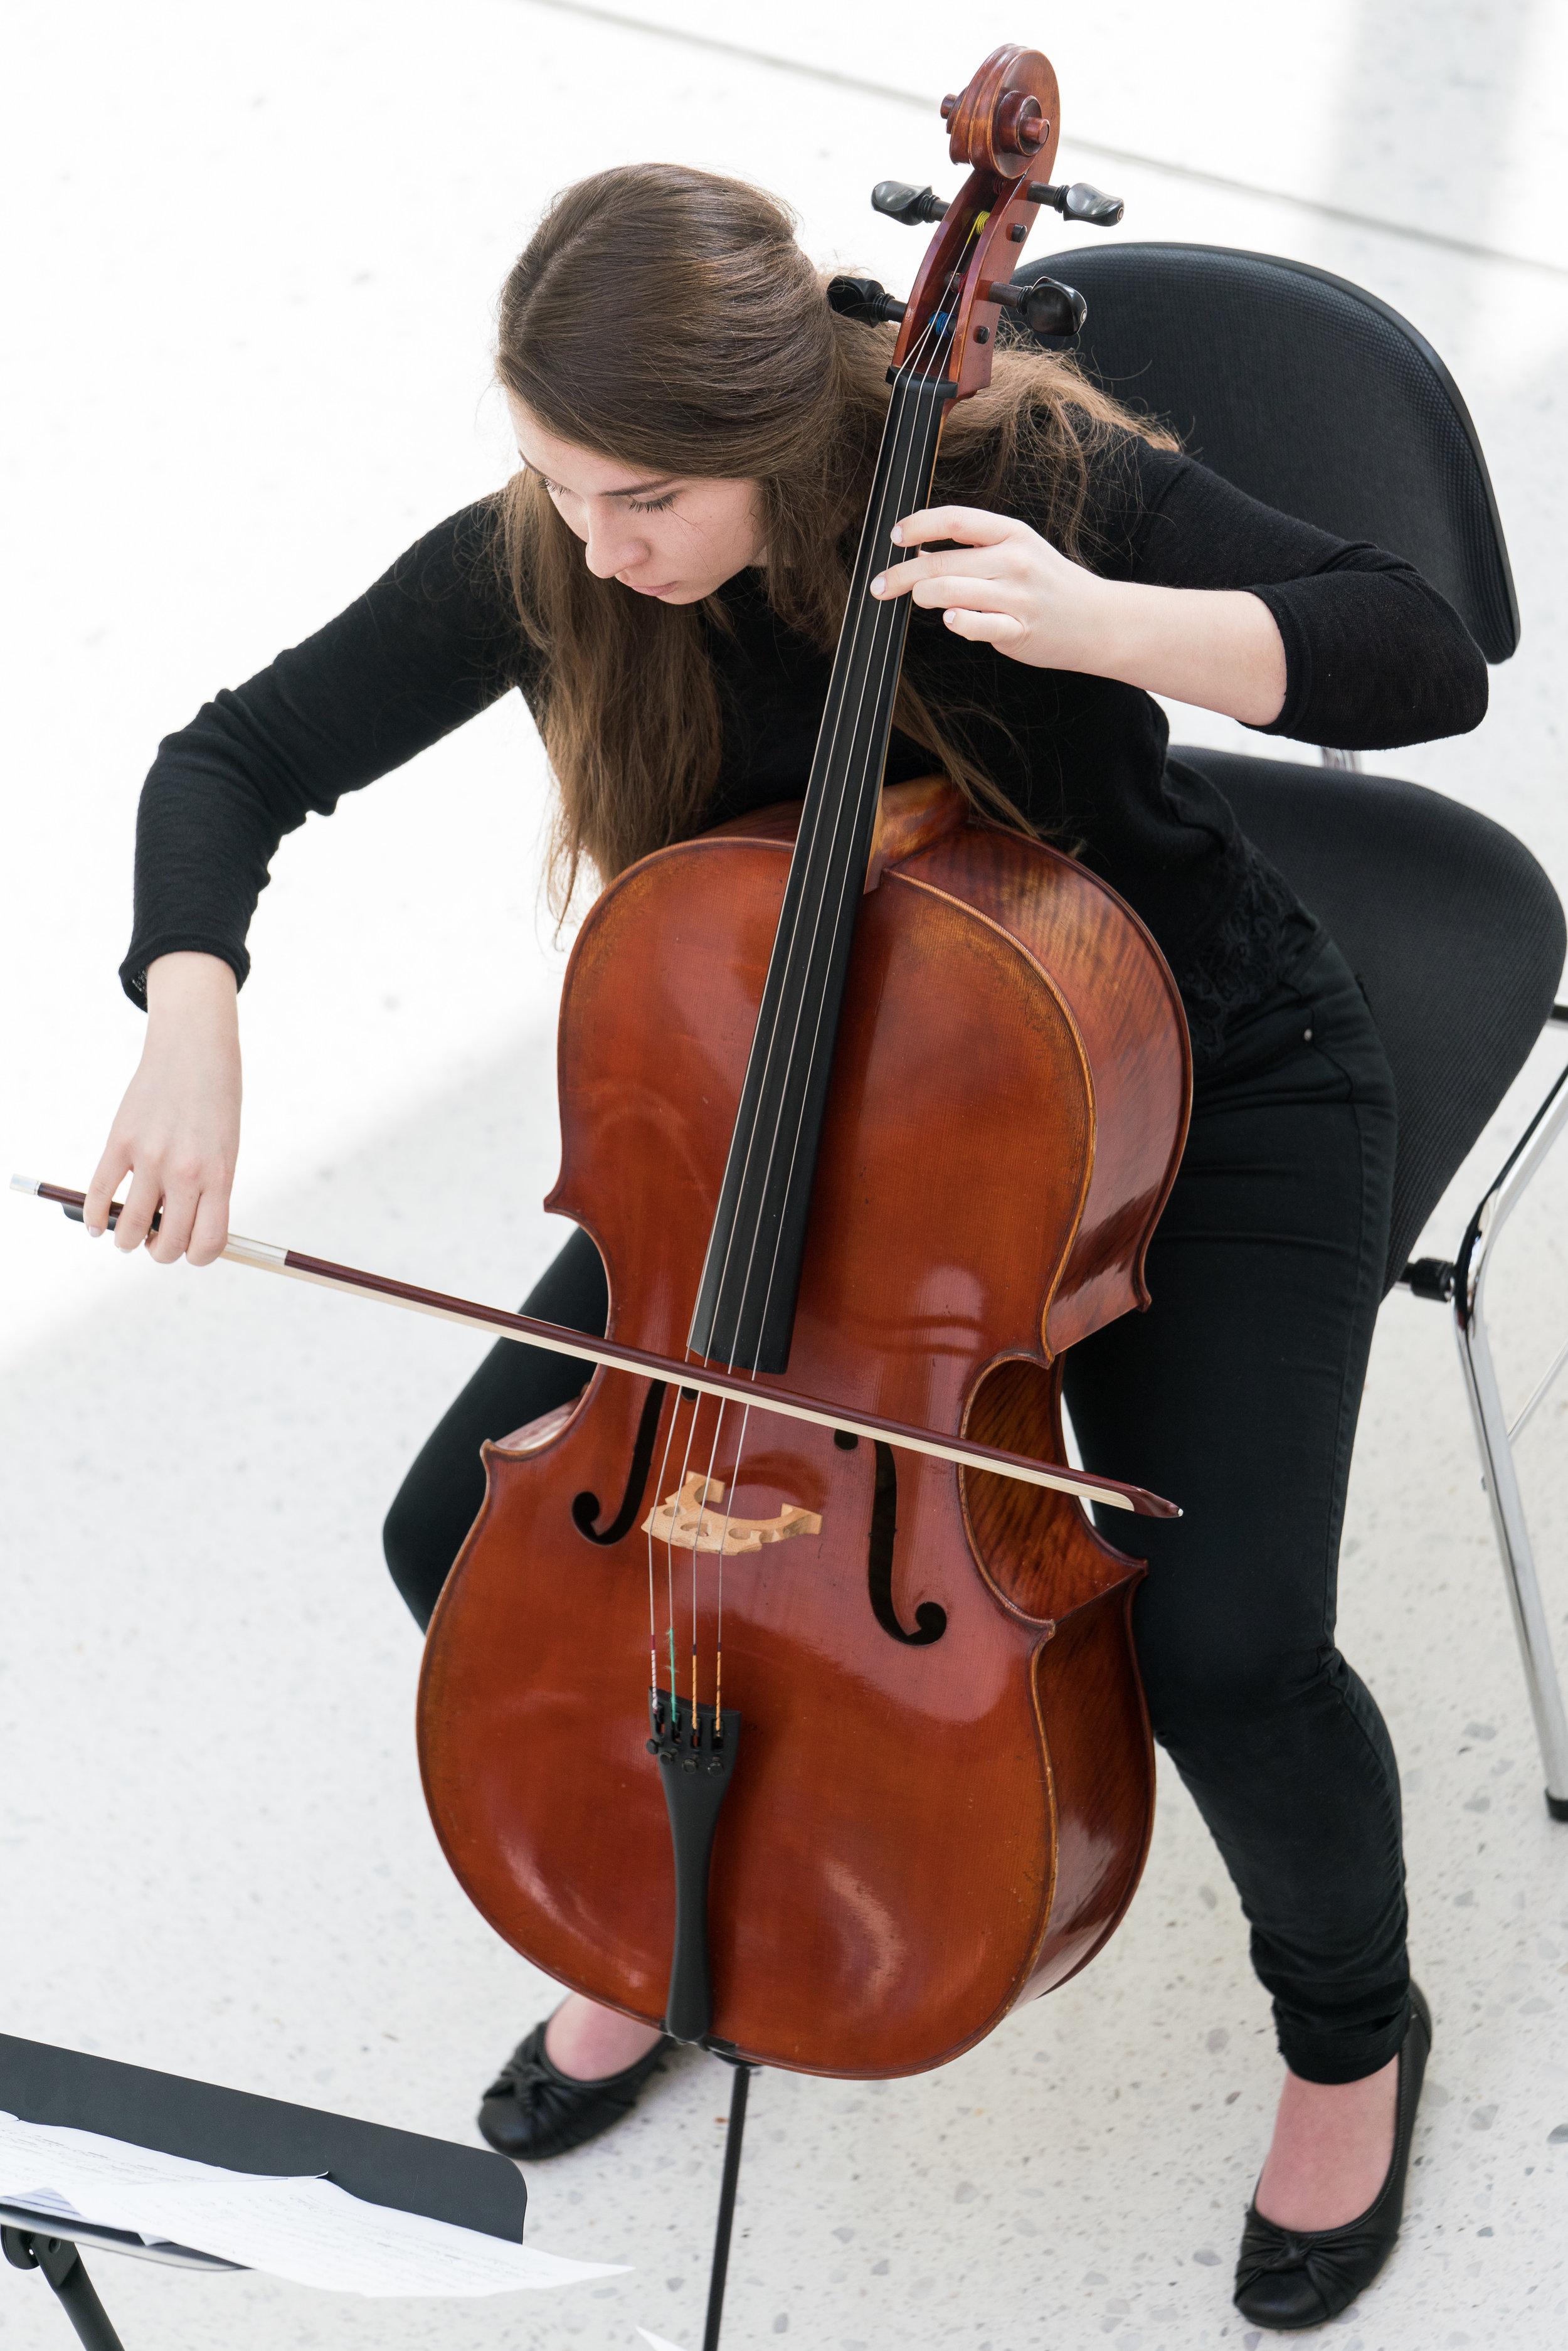 Konzert am Mittag - Cello20180206_023-036.jpg